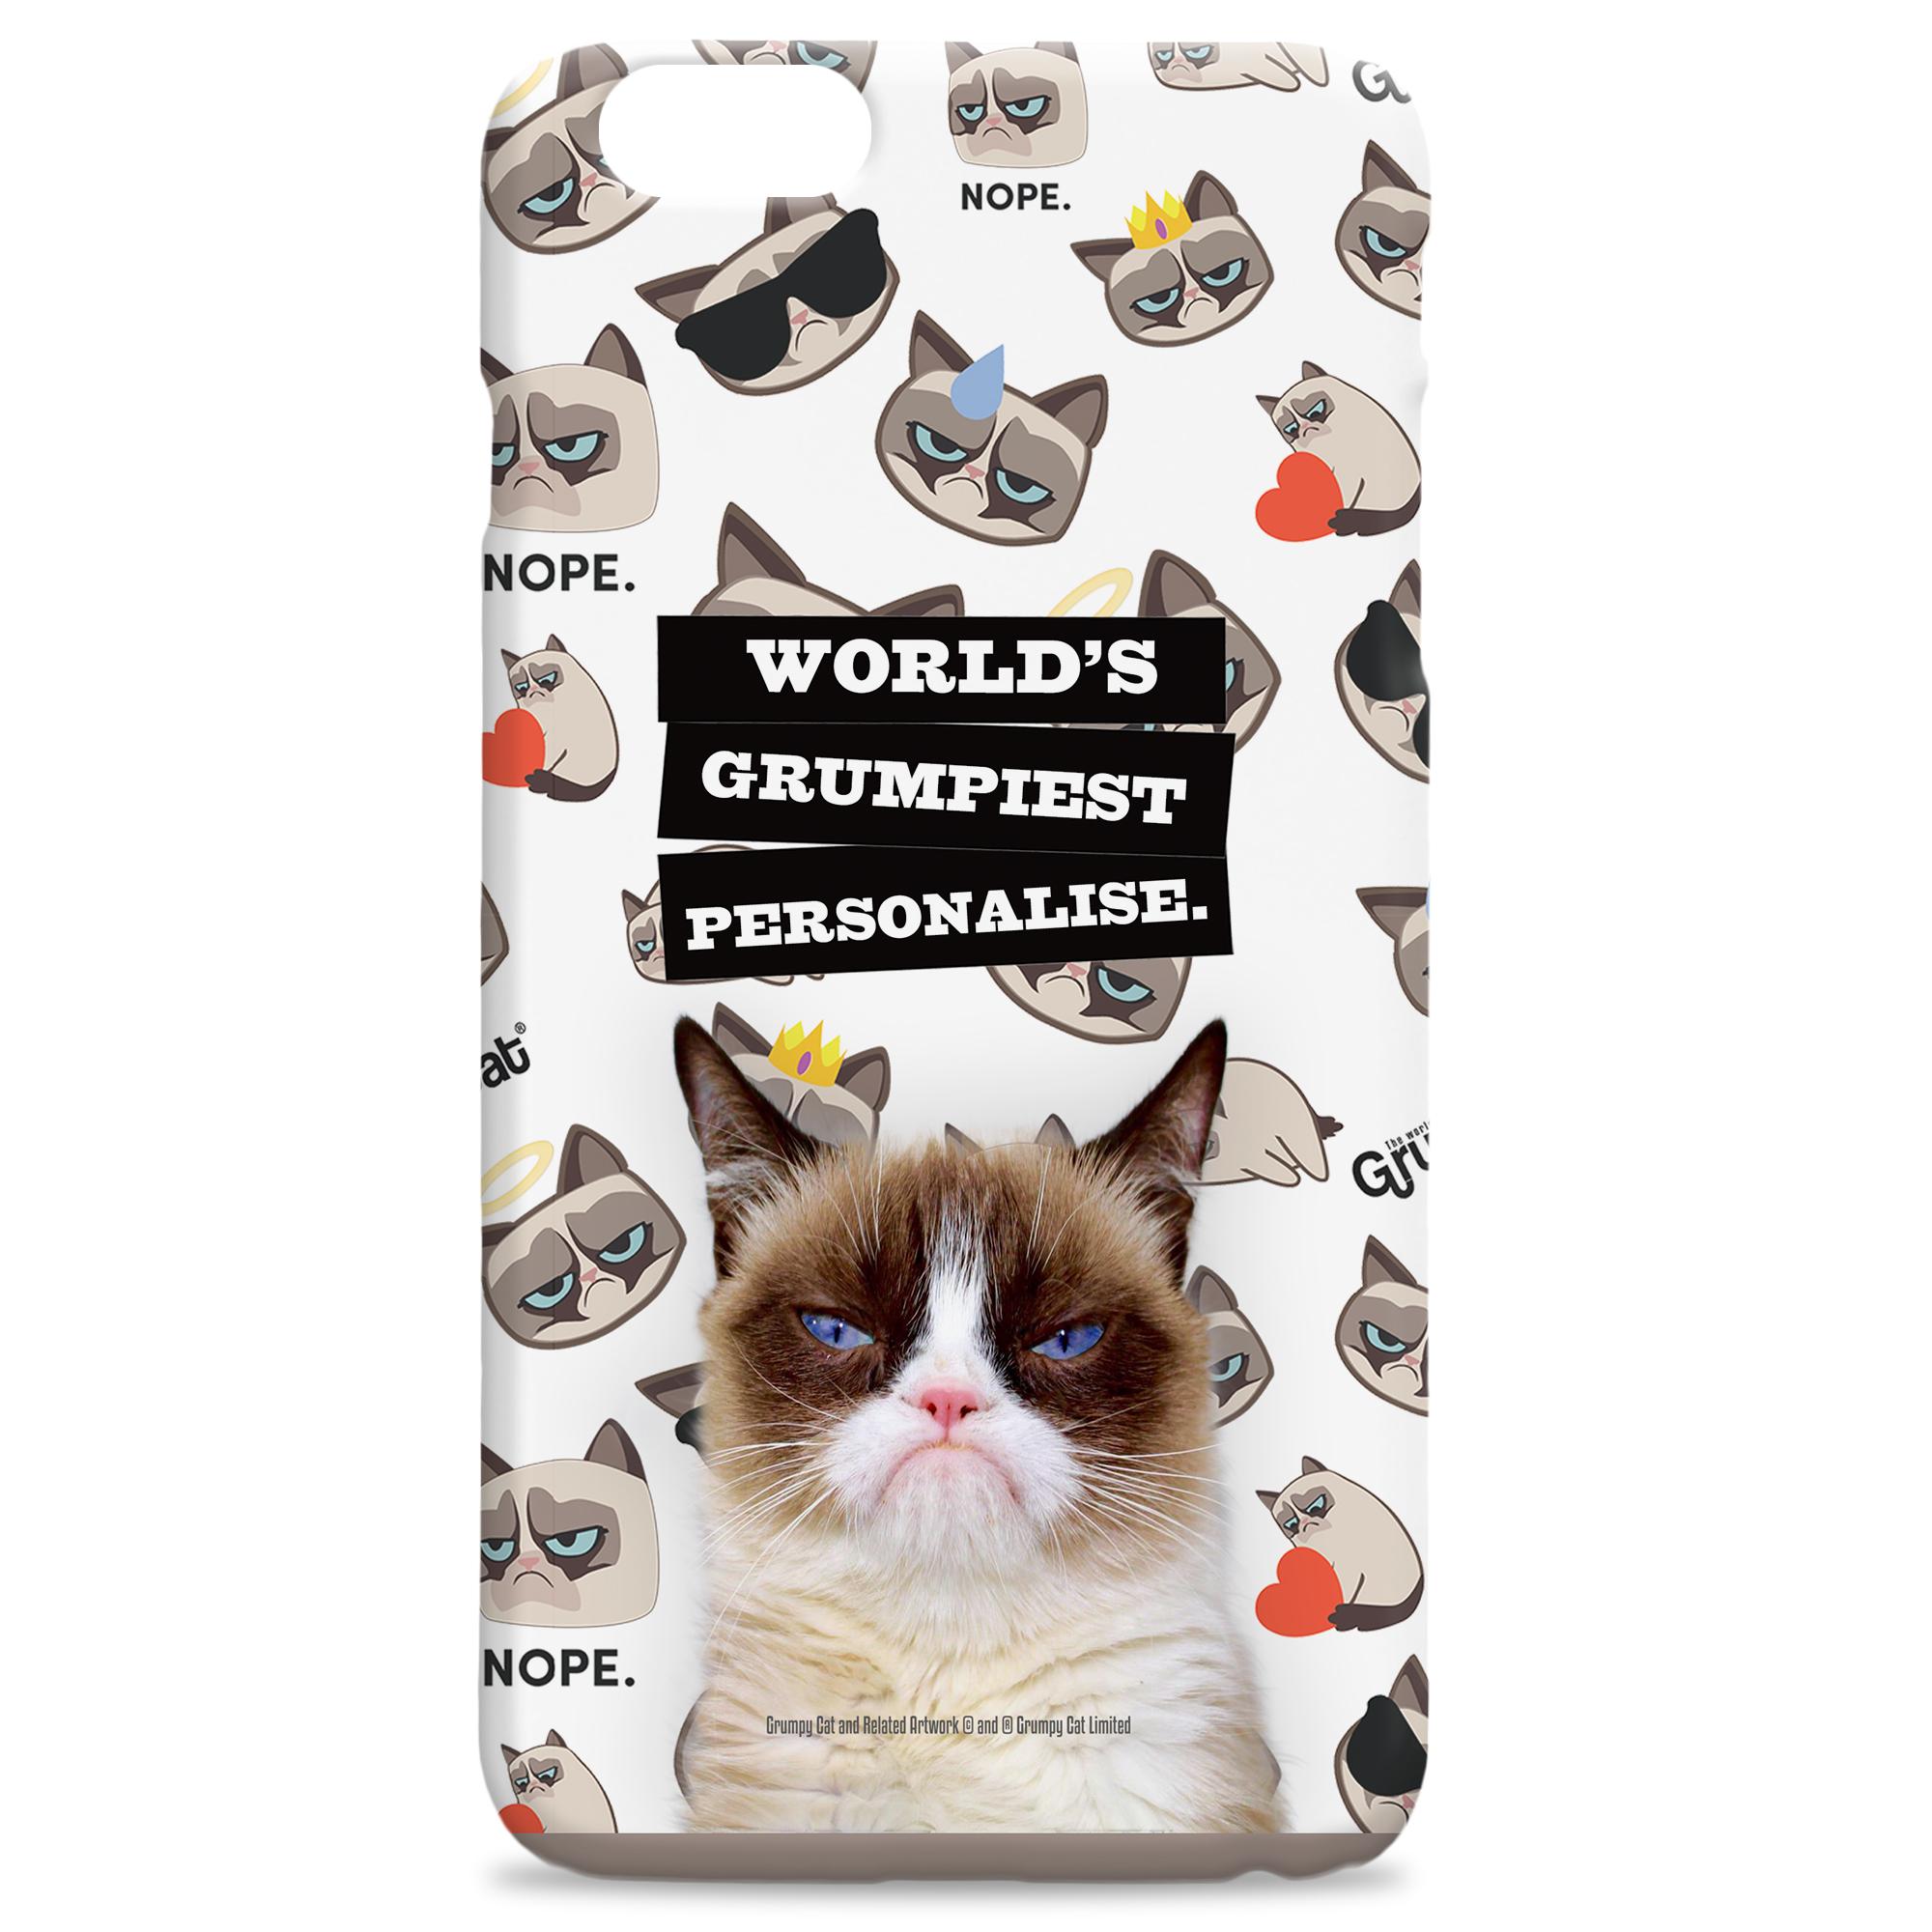 Grumpy Cat - World's Grumpiest Case